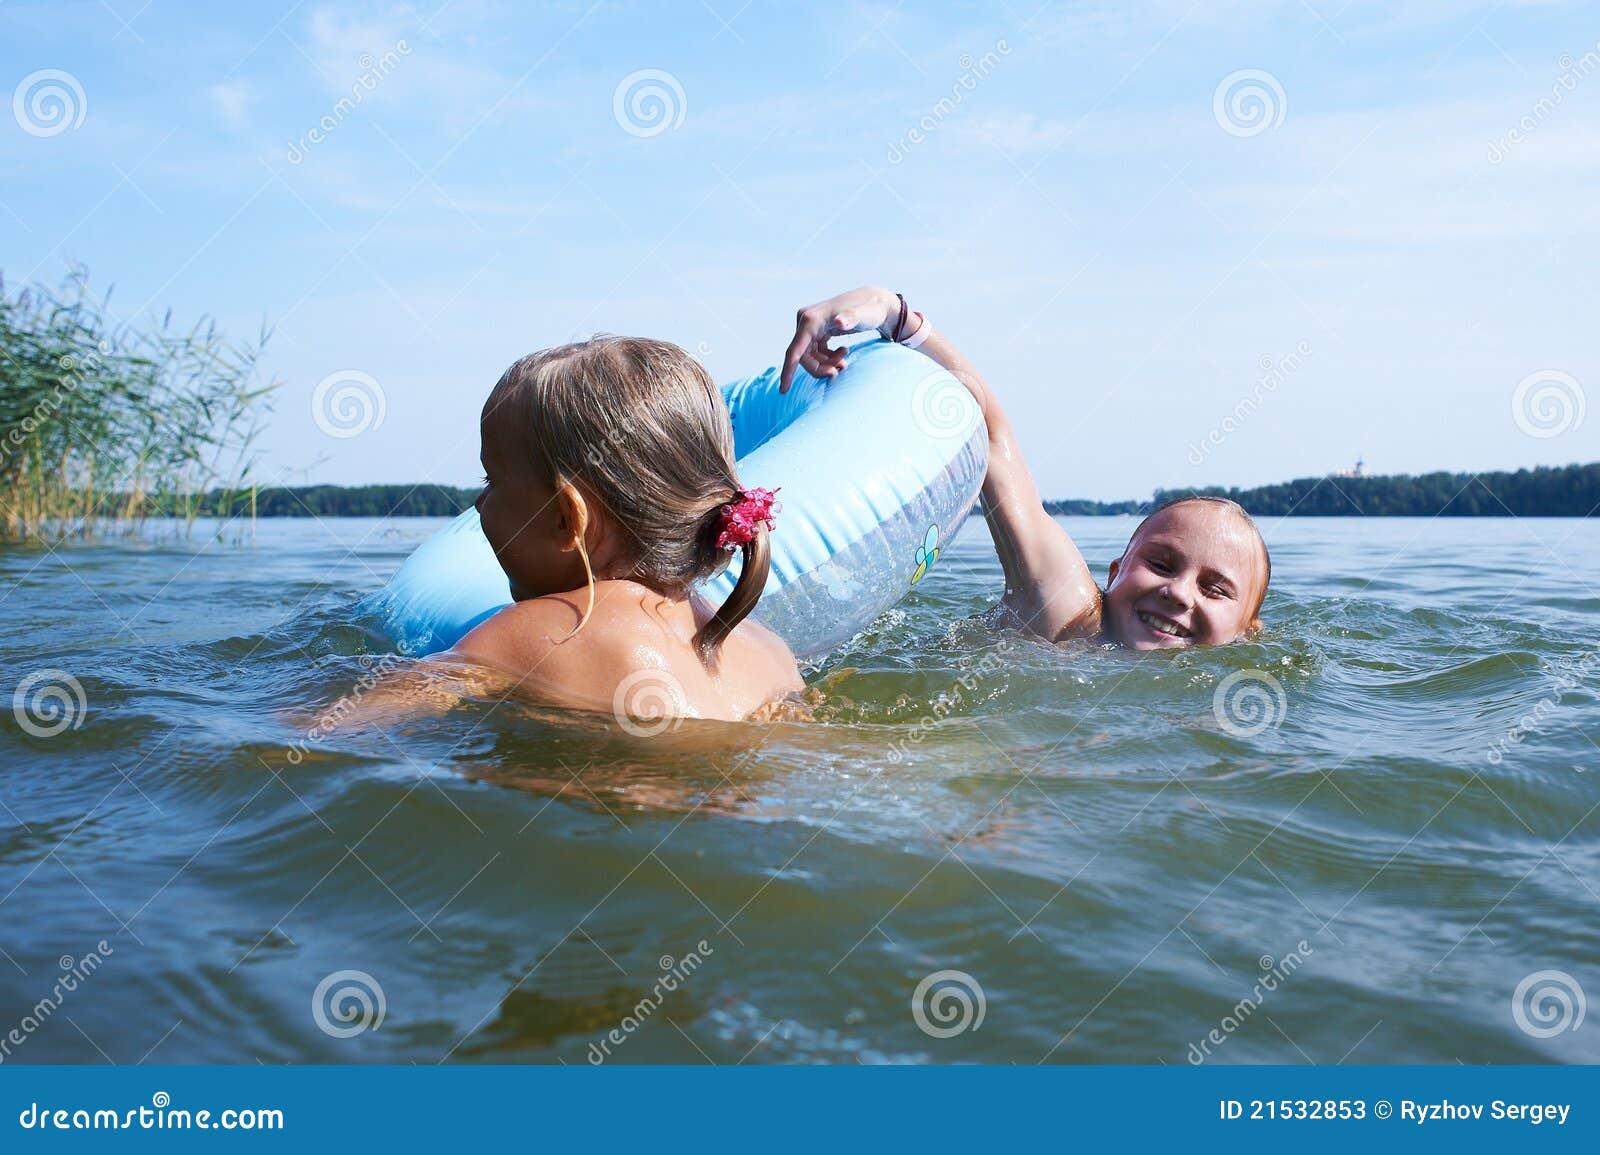 Телочки купаются в озере, Девки купаются на речке голые -видео. Смотреть 21 фотография